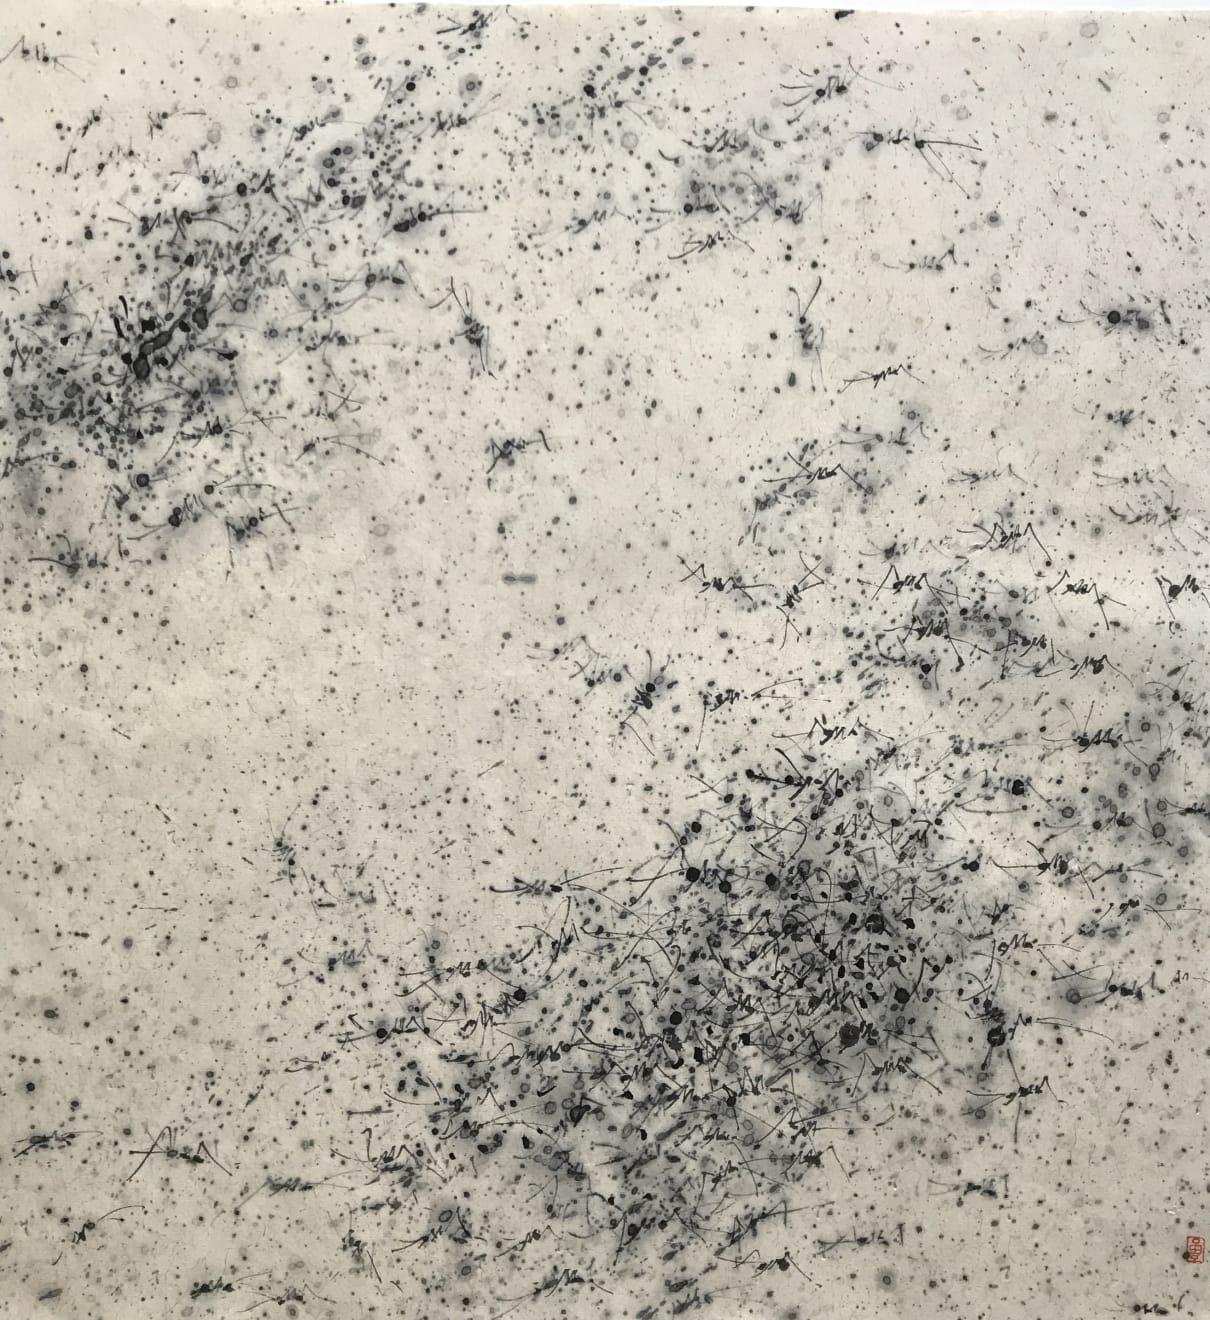 Zhang Yanzi 章燕紫, Limitless No.7 無盡7, 2017